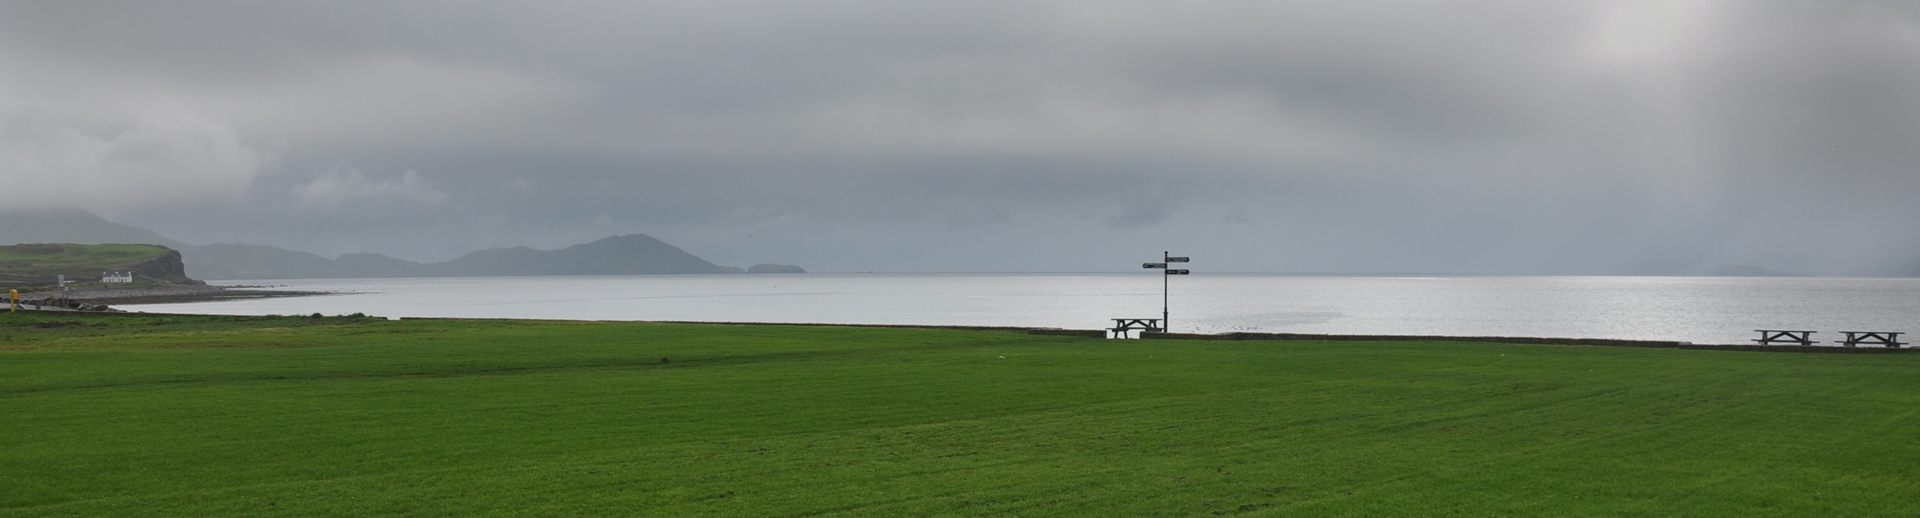 אירלנד - יואל שתרוג - אדמה יוצרת - yoel sitruk